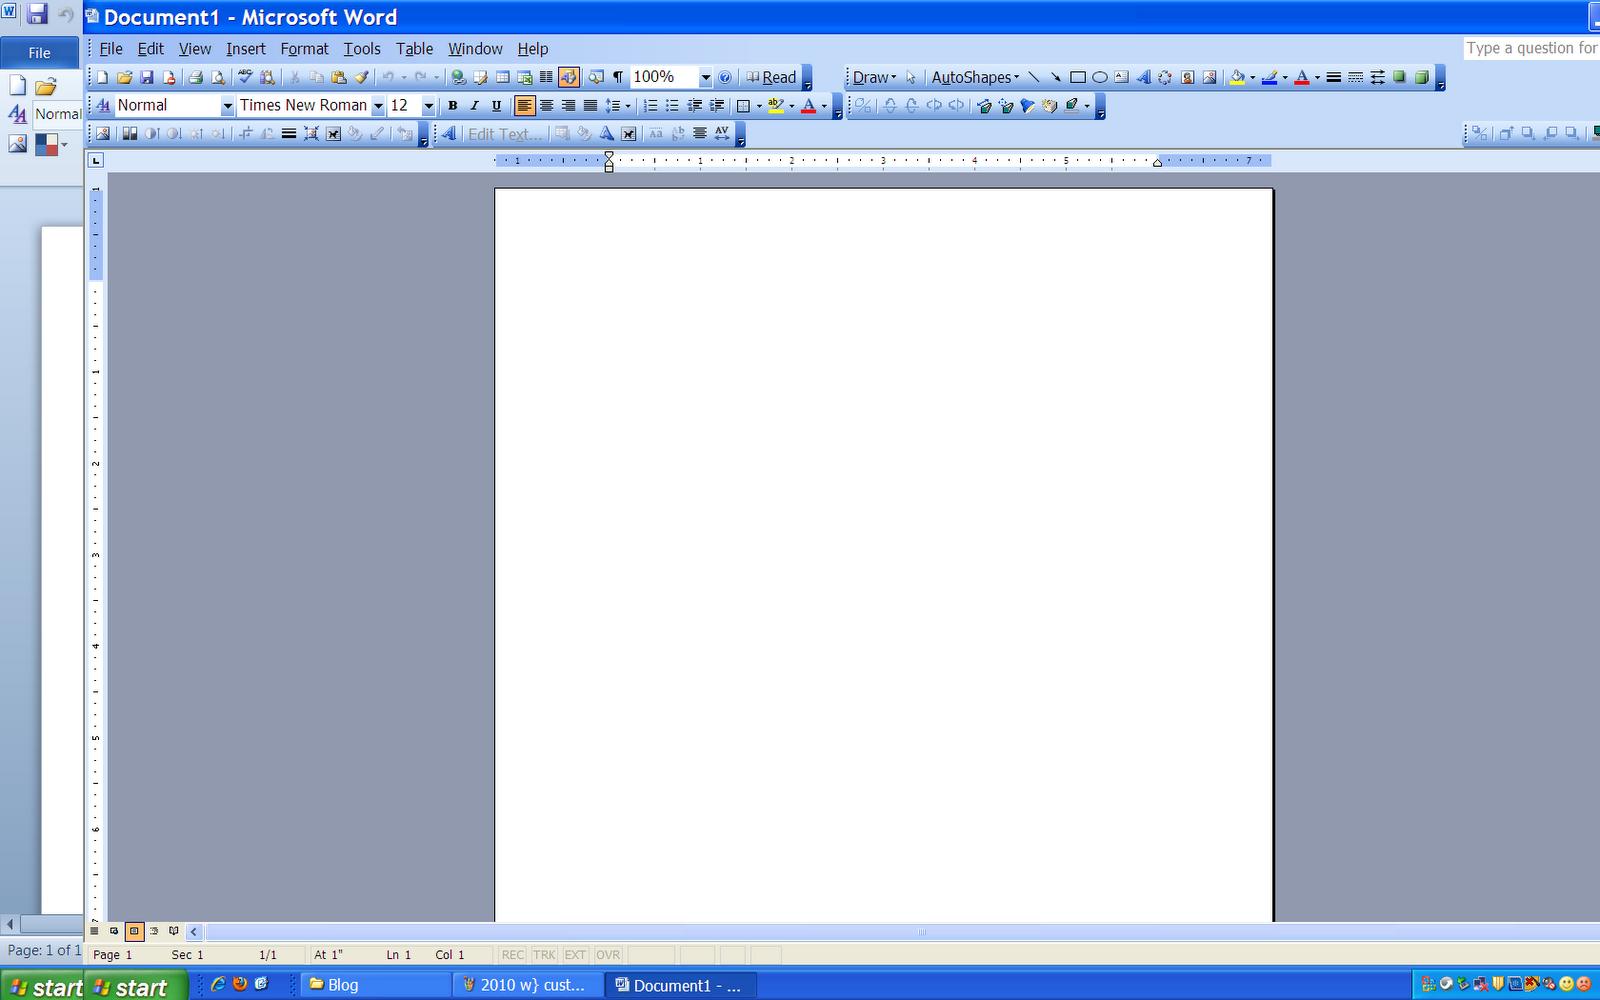 Hướng dẫn Word 2003 cơ bản: xử lý, sao chép, di chuyển, xóa văn bản. Phần 3